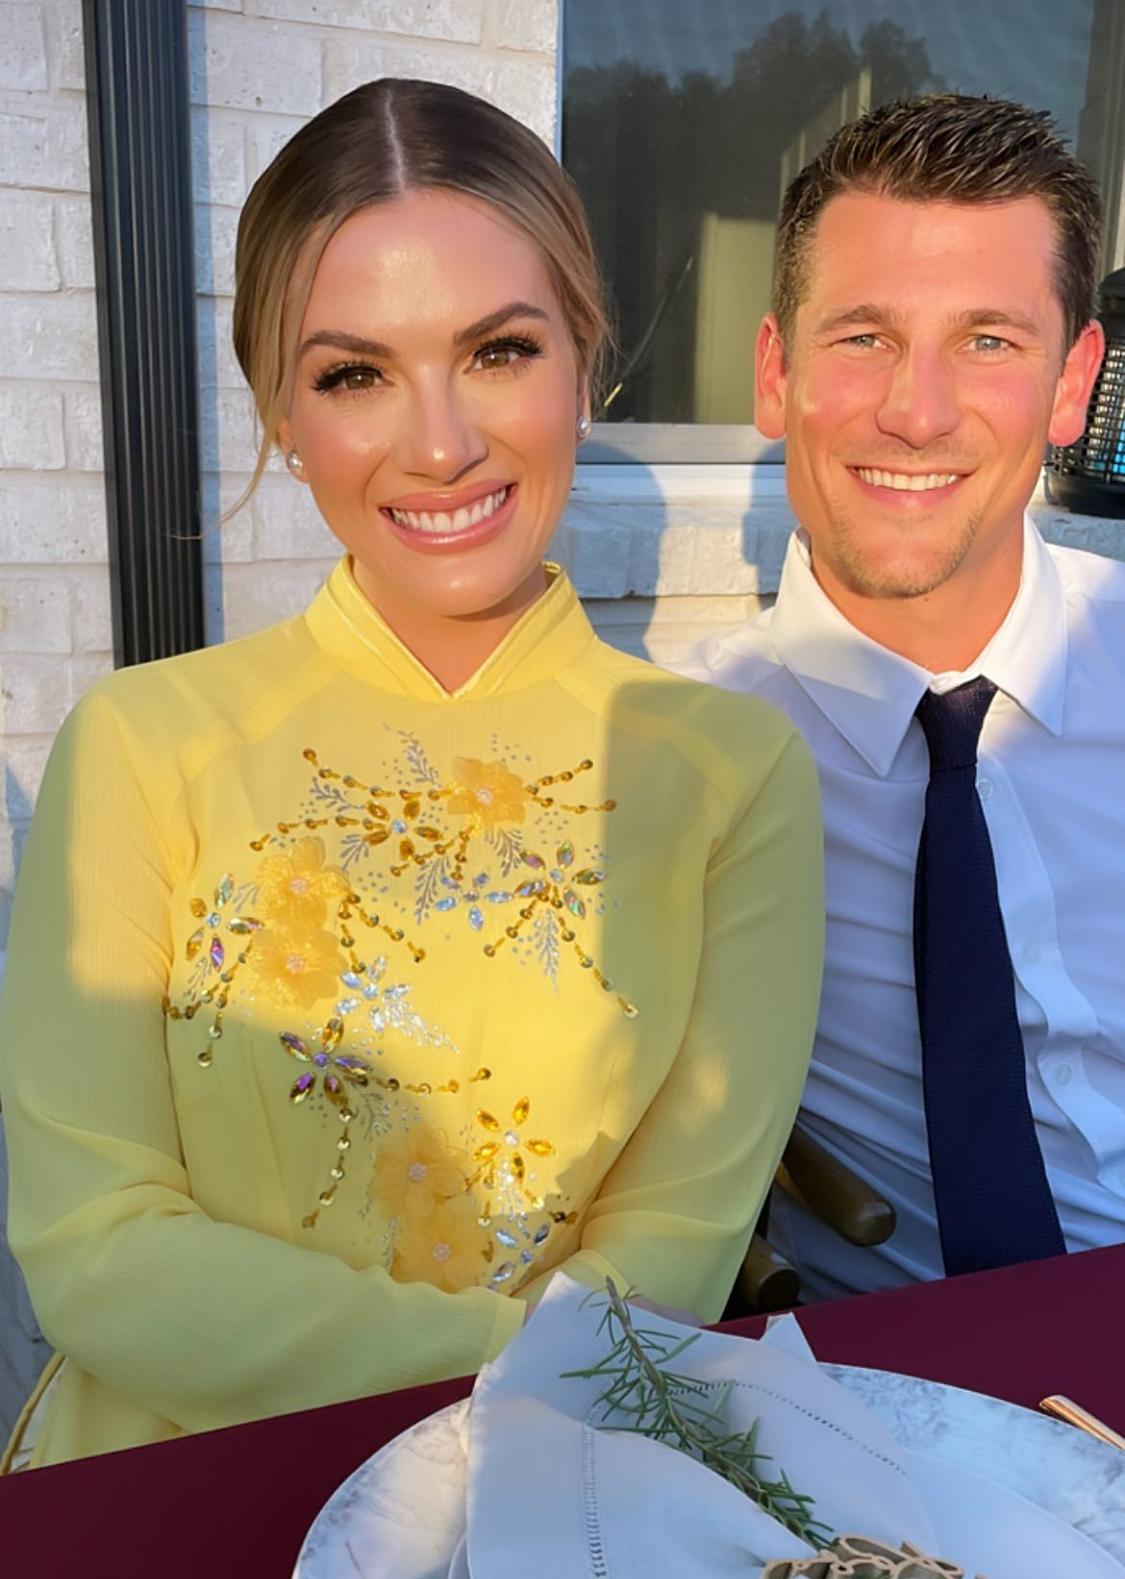 Sarah cùng chồng đi dự tiệc. Cô được phía nhà gái chuẩn bị một chiếc áo dài màu vàng nổi bật. Tuy áo hơi rộng so với cơ thể, Sarah hào hứng vì lần đầu tiên được diện trang phục truyền thống của người Việt Nam.